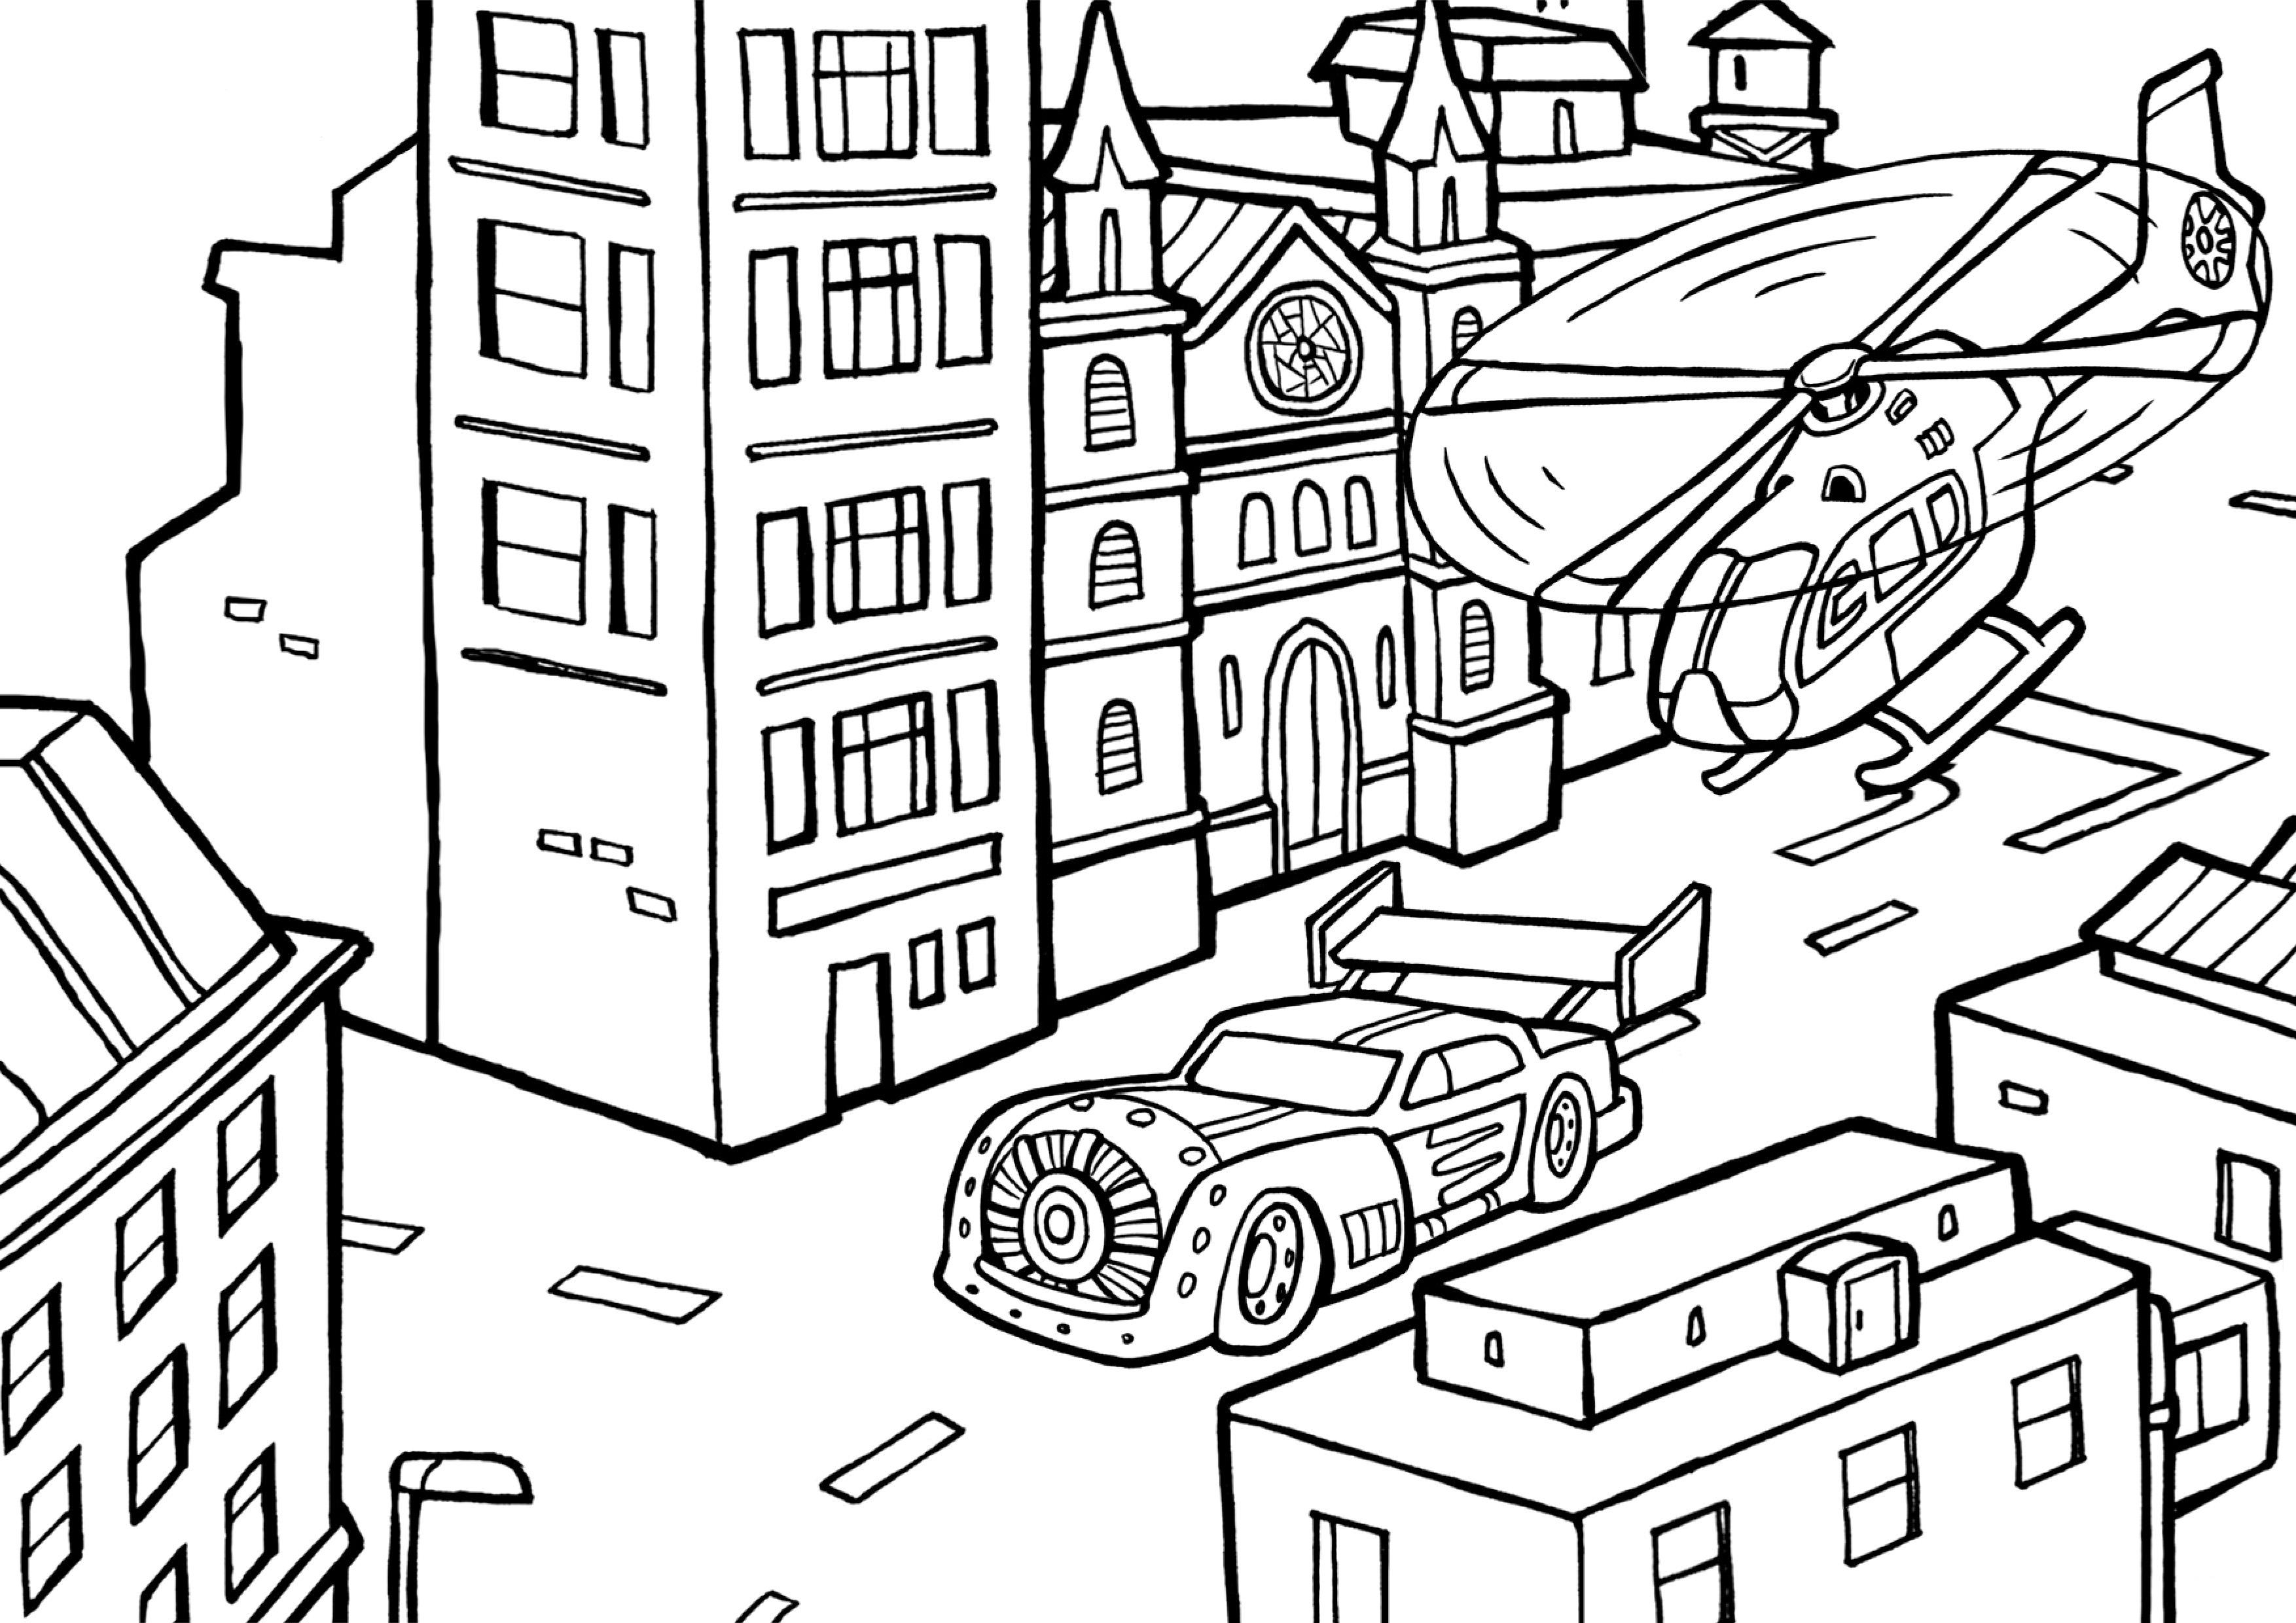 Malvorlagen Autos - kostenlose Ausmalbilder myToys Blog